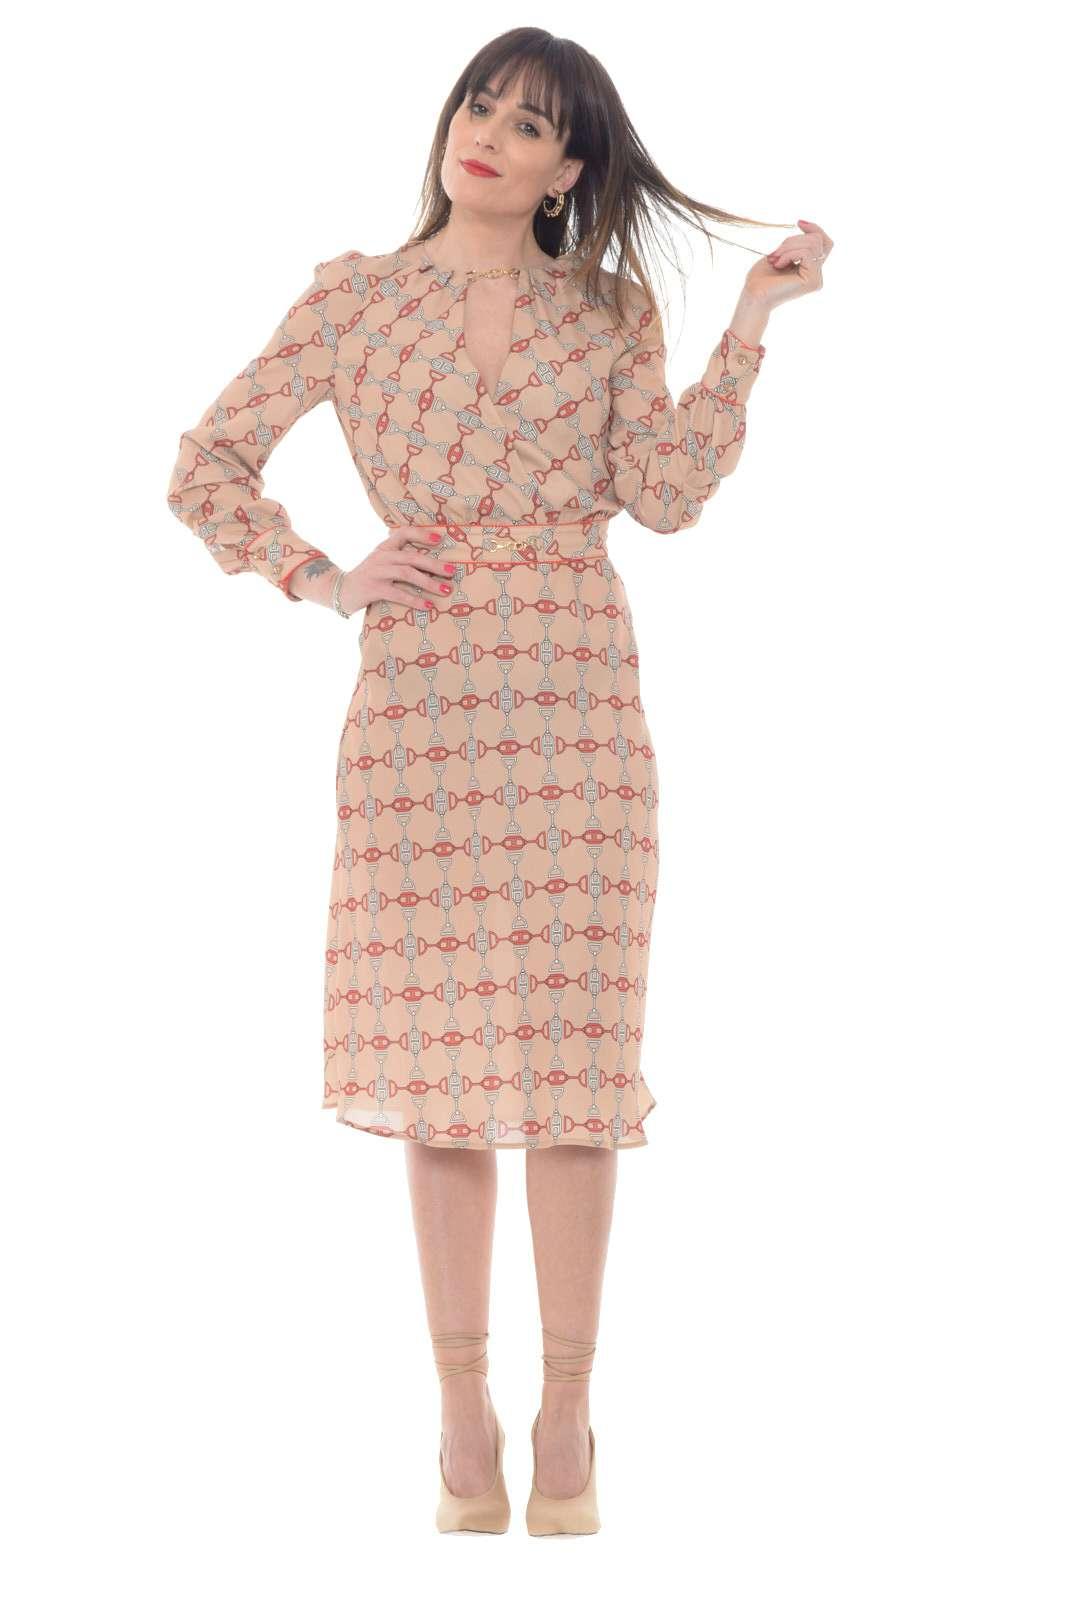 Un abito raffinato e fashion per la collezione donna Elisabetta Franchi. La lunghezza midi dona una raffinatezza e femminilità senza pari, il tutto rifinito con una fantasia moschettoni e piping in contrasto. Perfetto per le occasioni più fashion, è un must have della bella stagione.